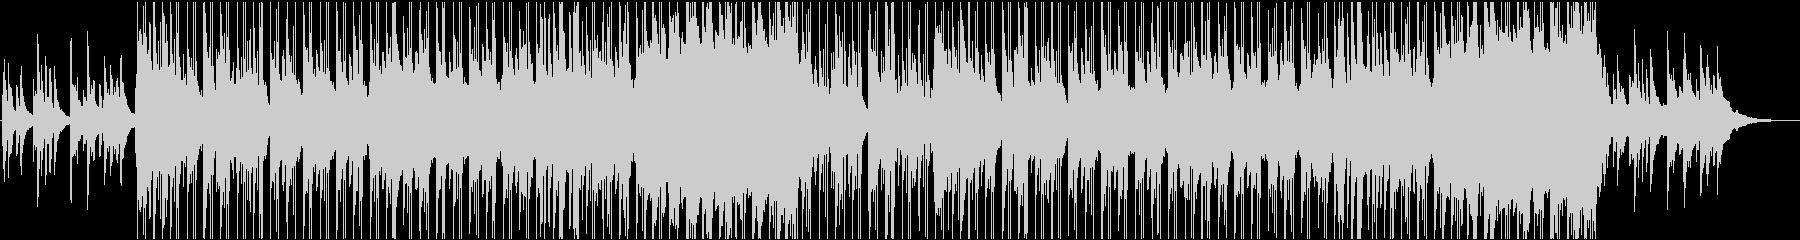 ピアノが中心のしんみりとしたBGMの未再生の波形